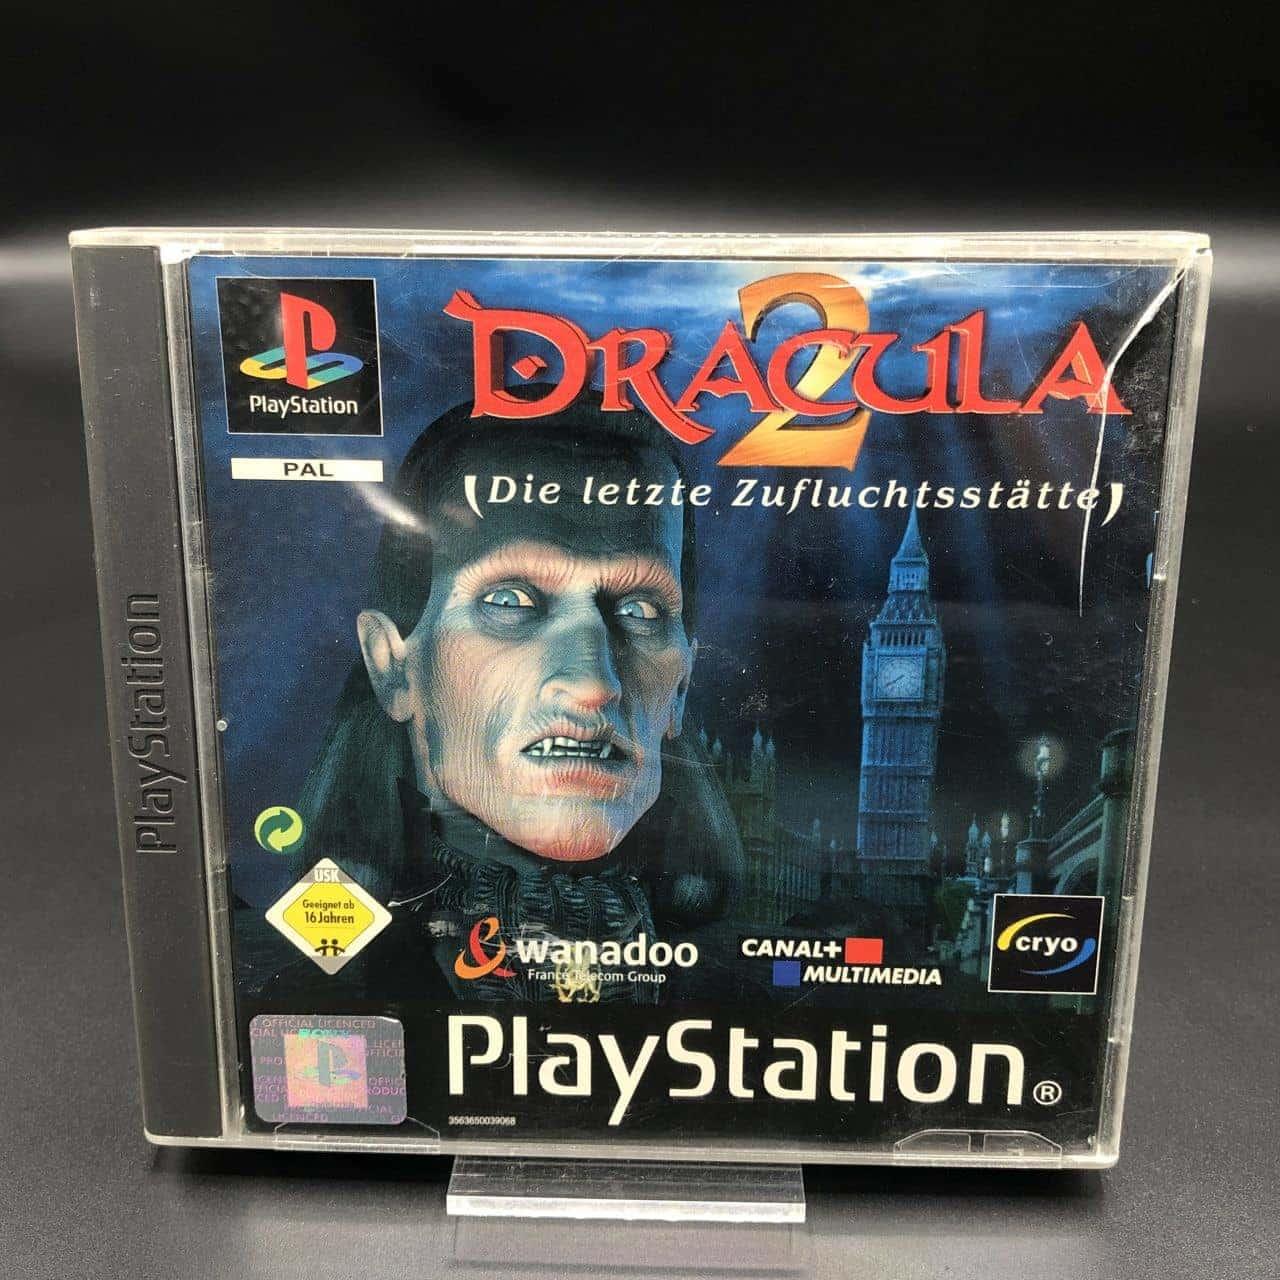 PS1 Dracula 2: Die letzte Zufluchtsstätte (Komplett) (Gut) Sony PlayStation 1